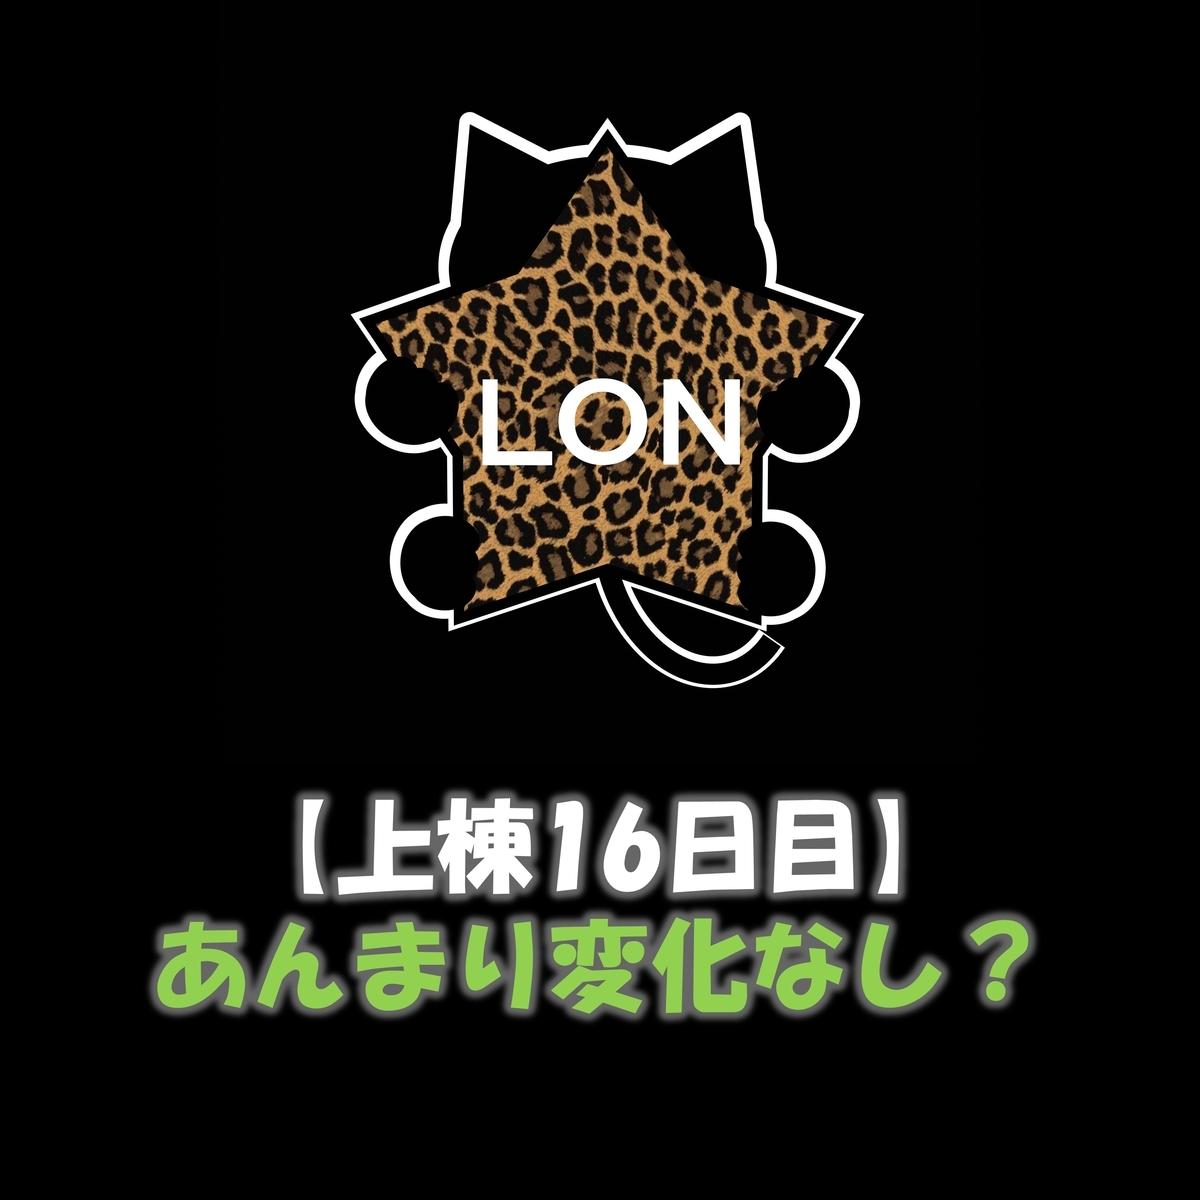 f:id:lon_blackcat:20201206151634j:plain